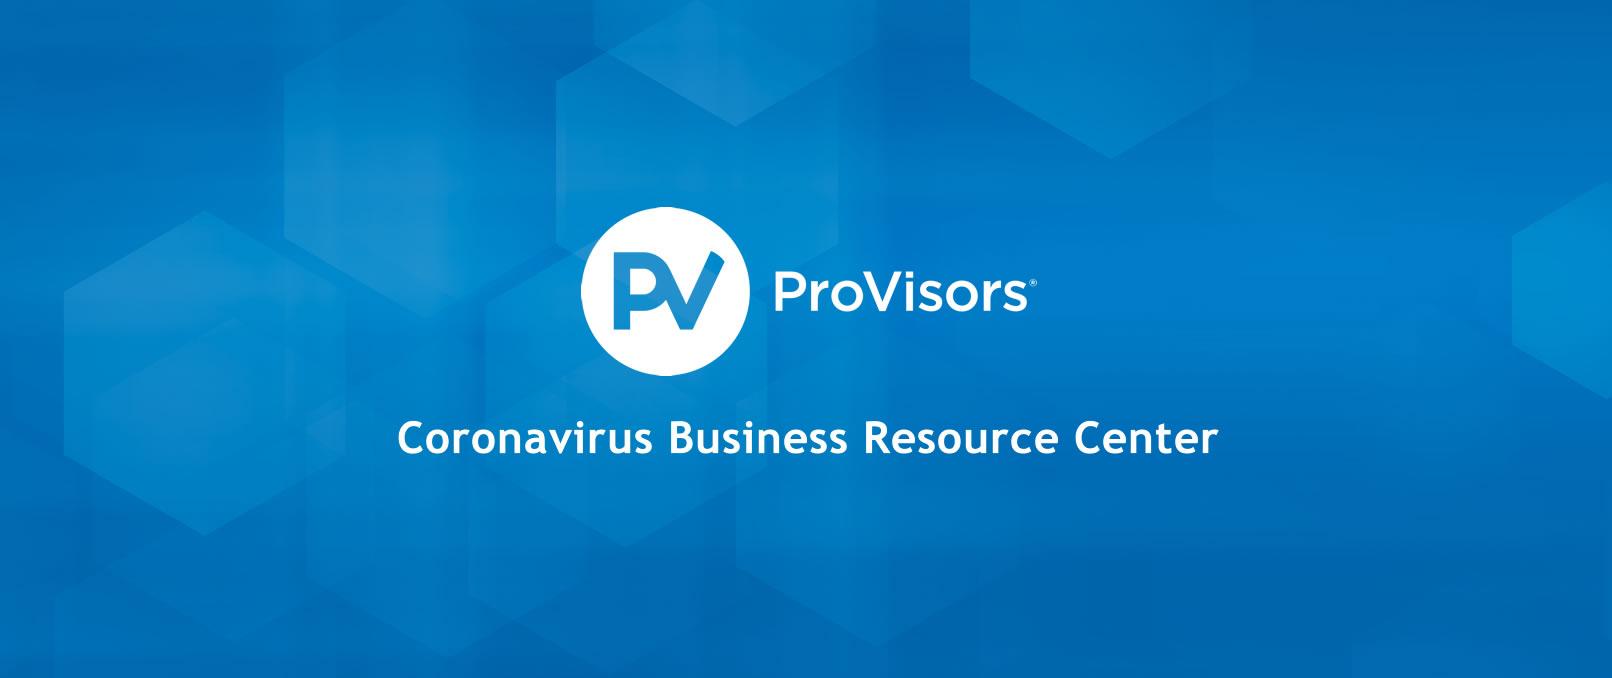 ProVisors Coronavirus Business Resource Center